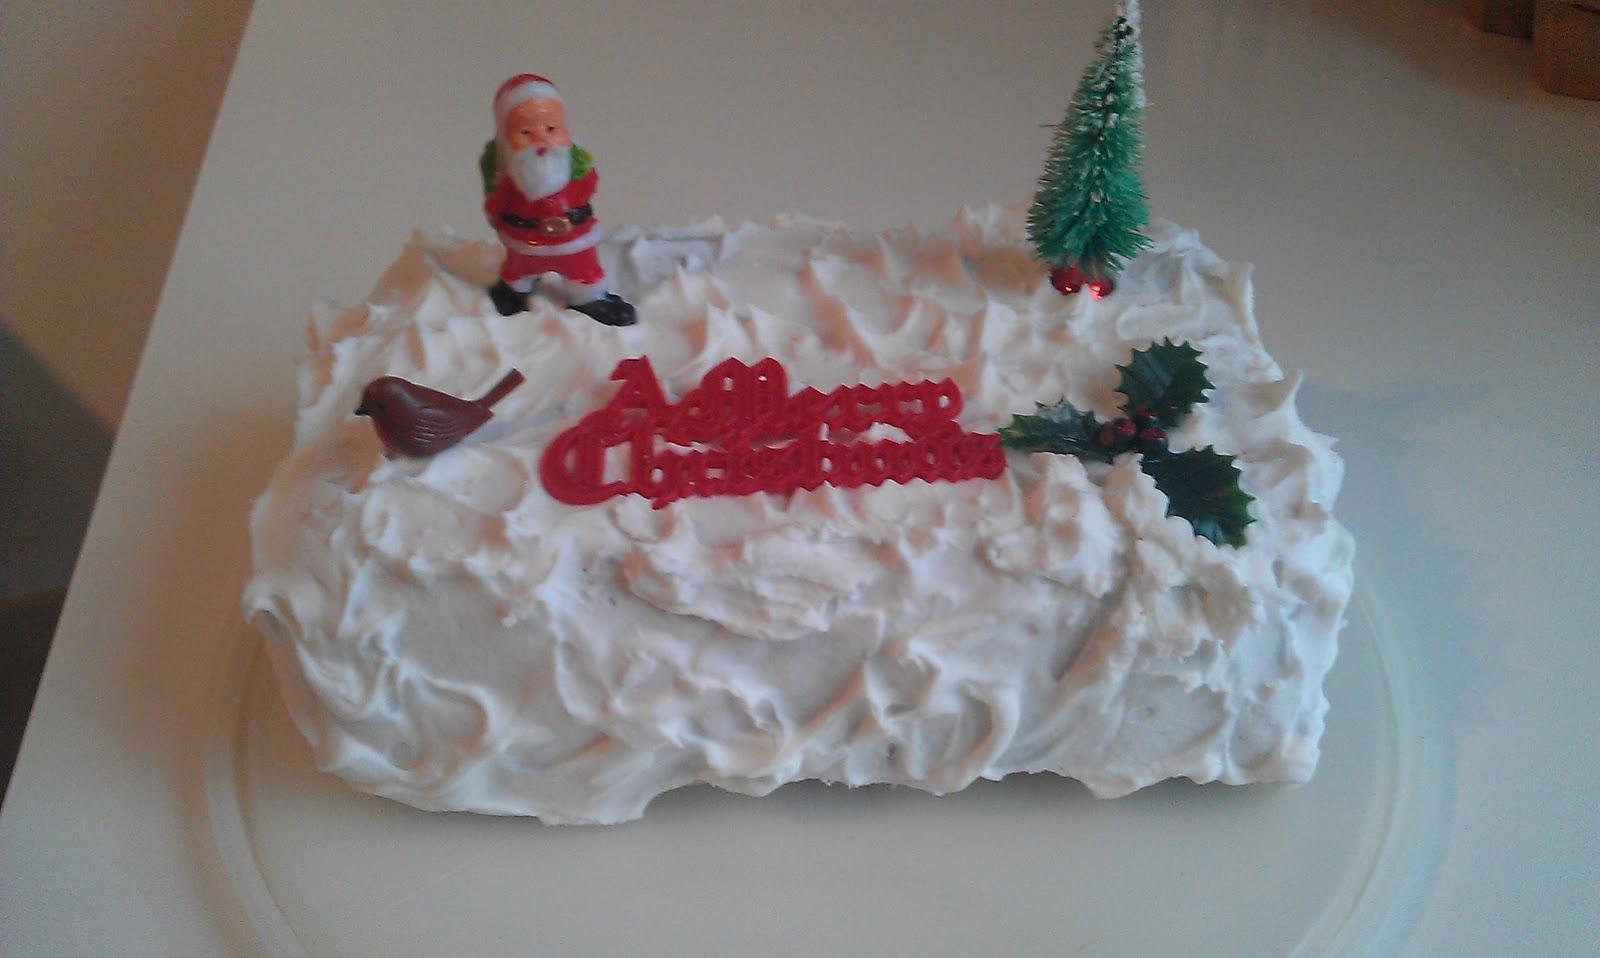 Christmas Cake Leftover Ideas : Fish Finger Sandwich: Leftover Christmas Cake - three ways